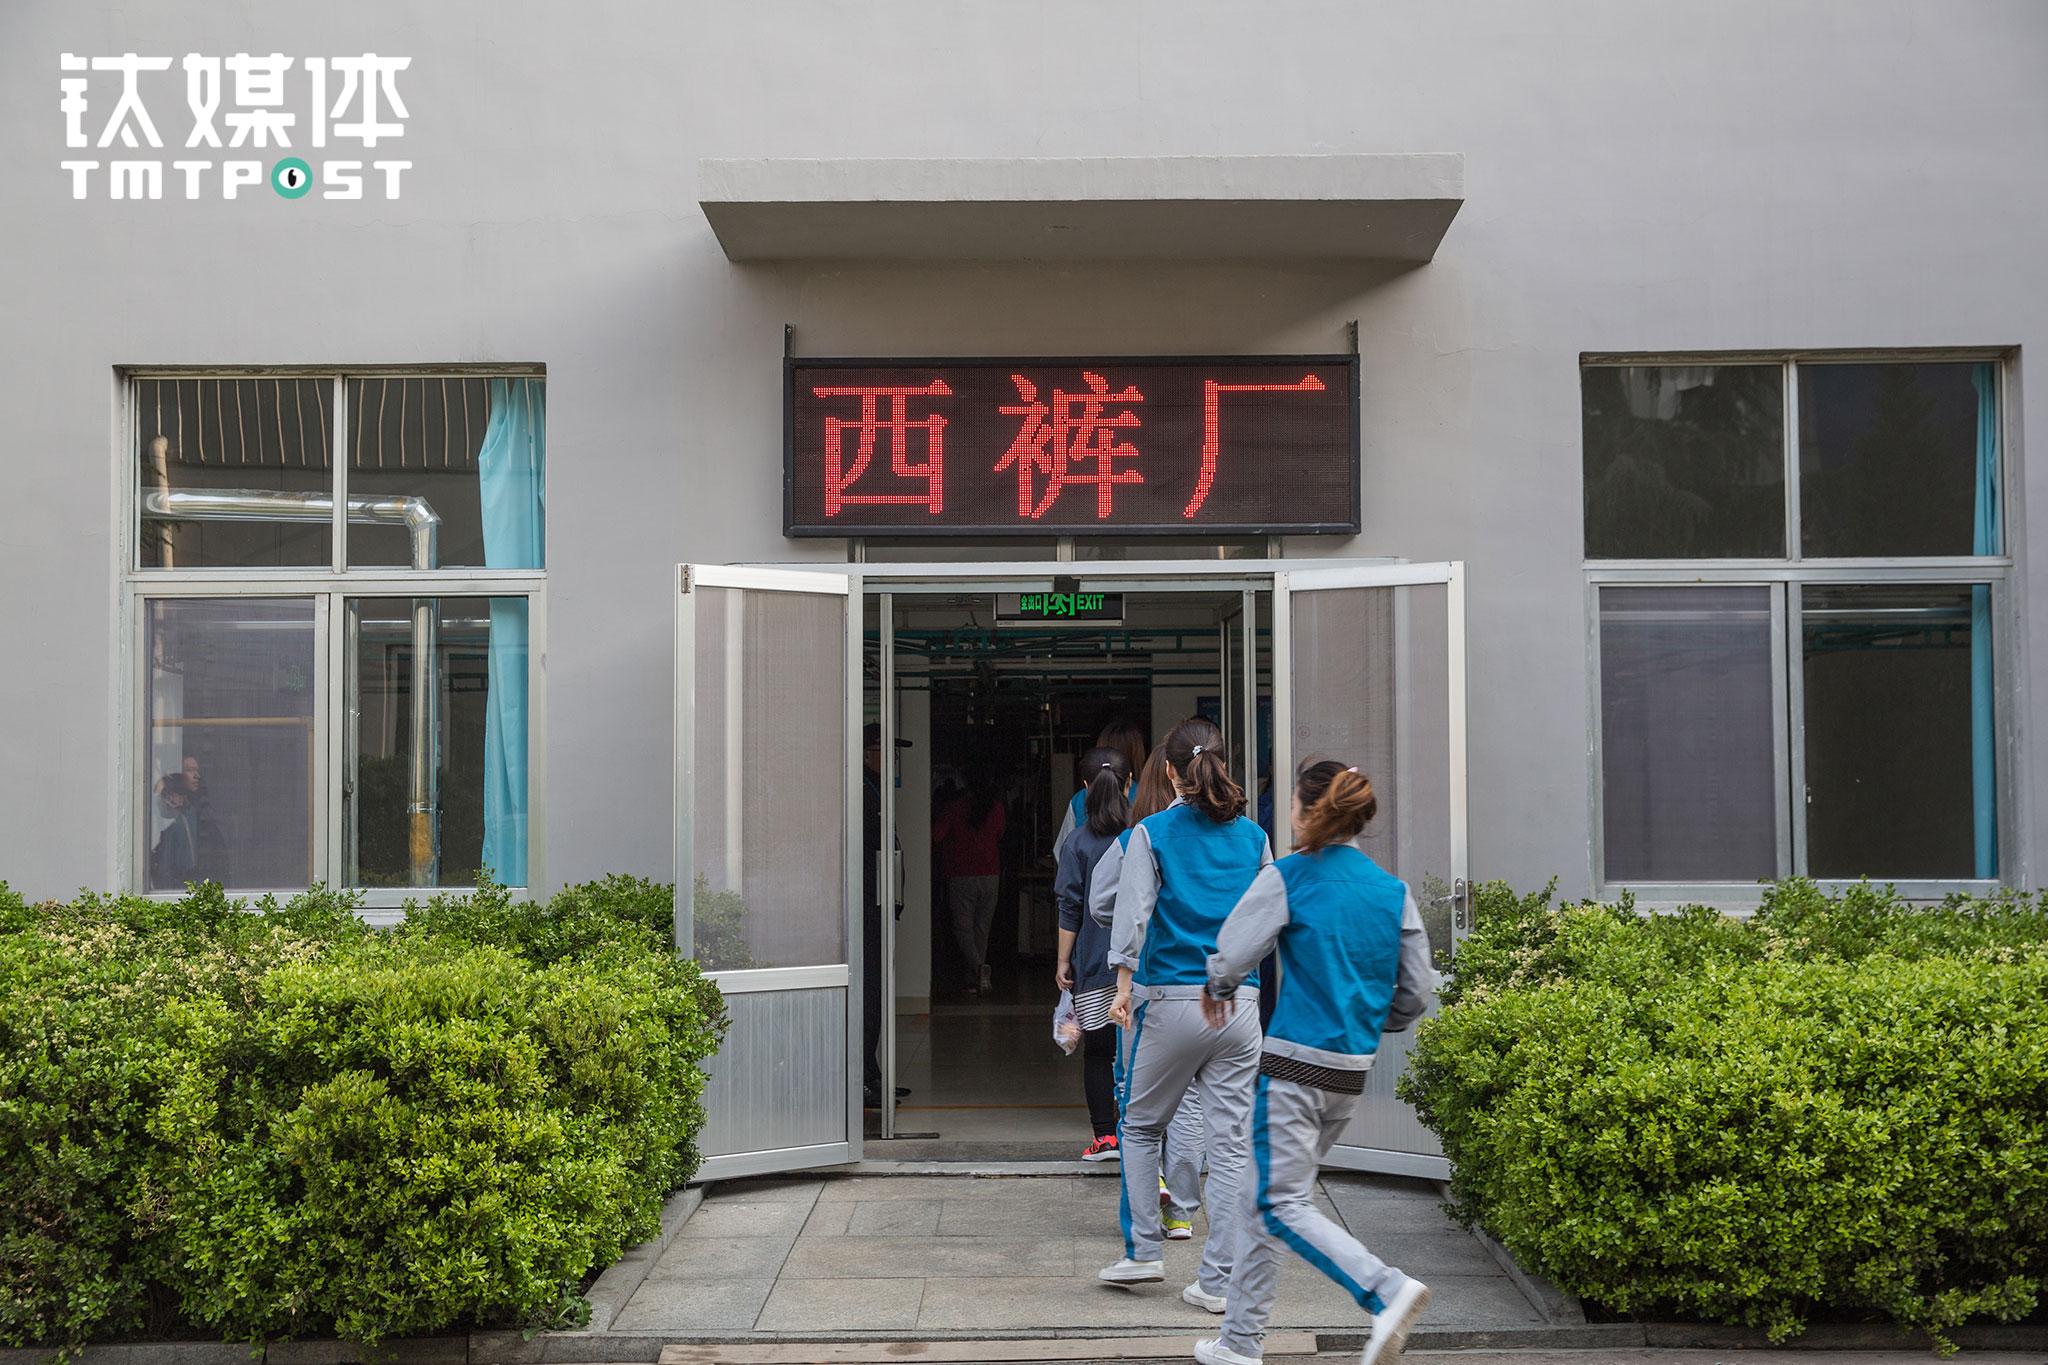 2017年4月14日早上7:25,工人从厂区宿舍赶往车间,开始一天的工作。